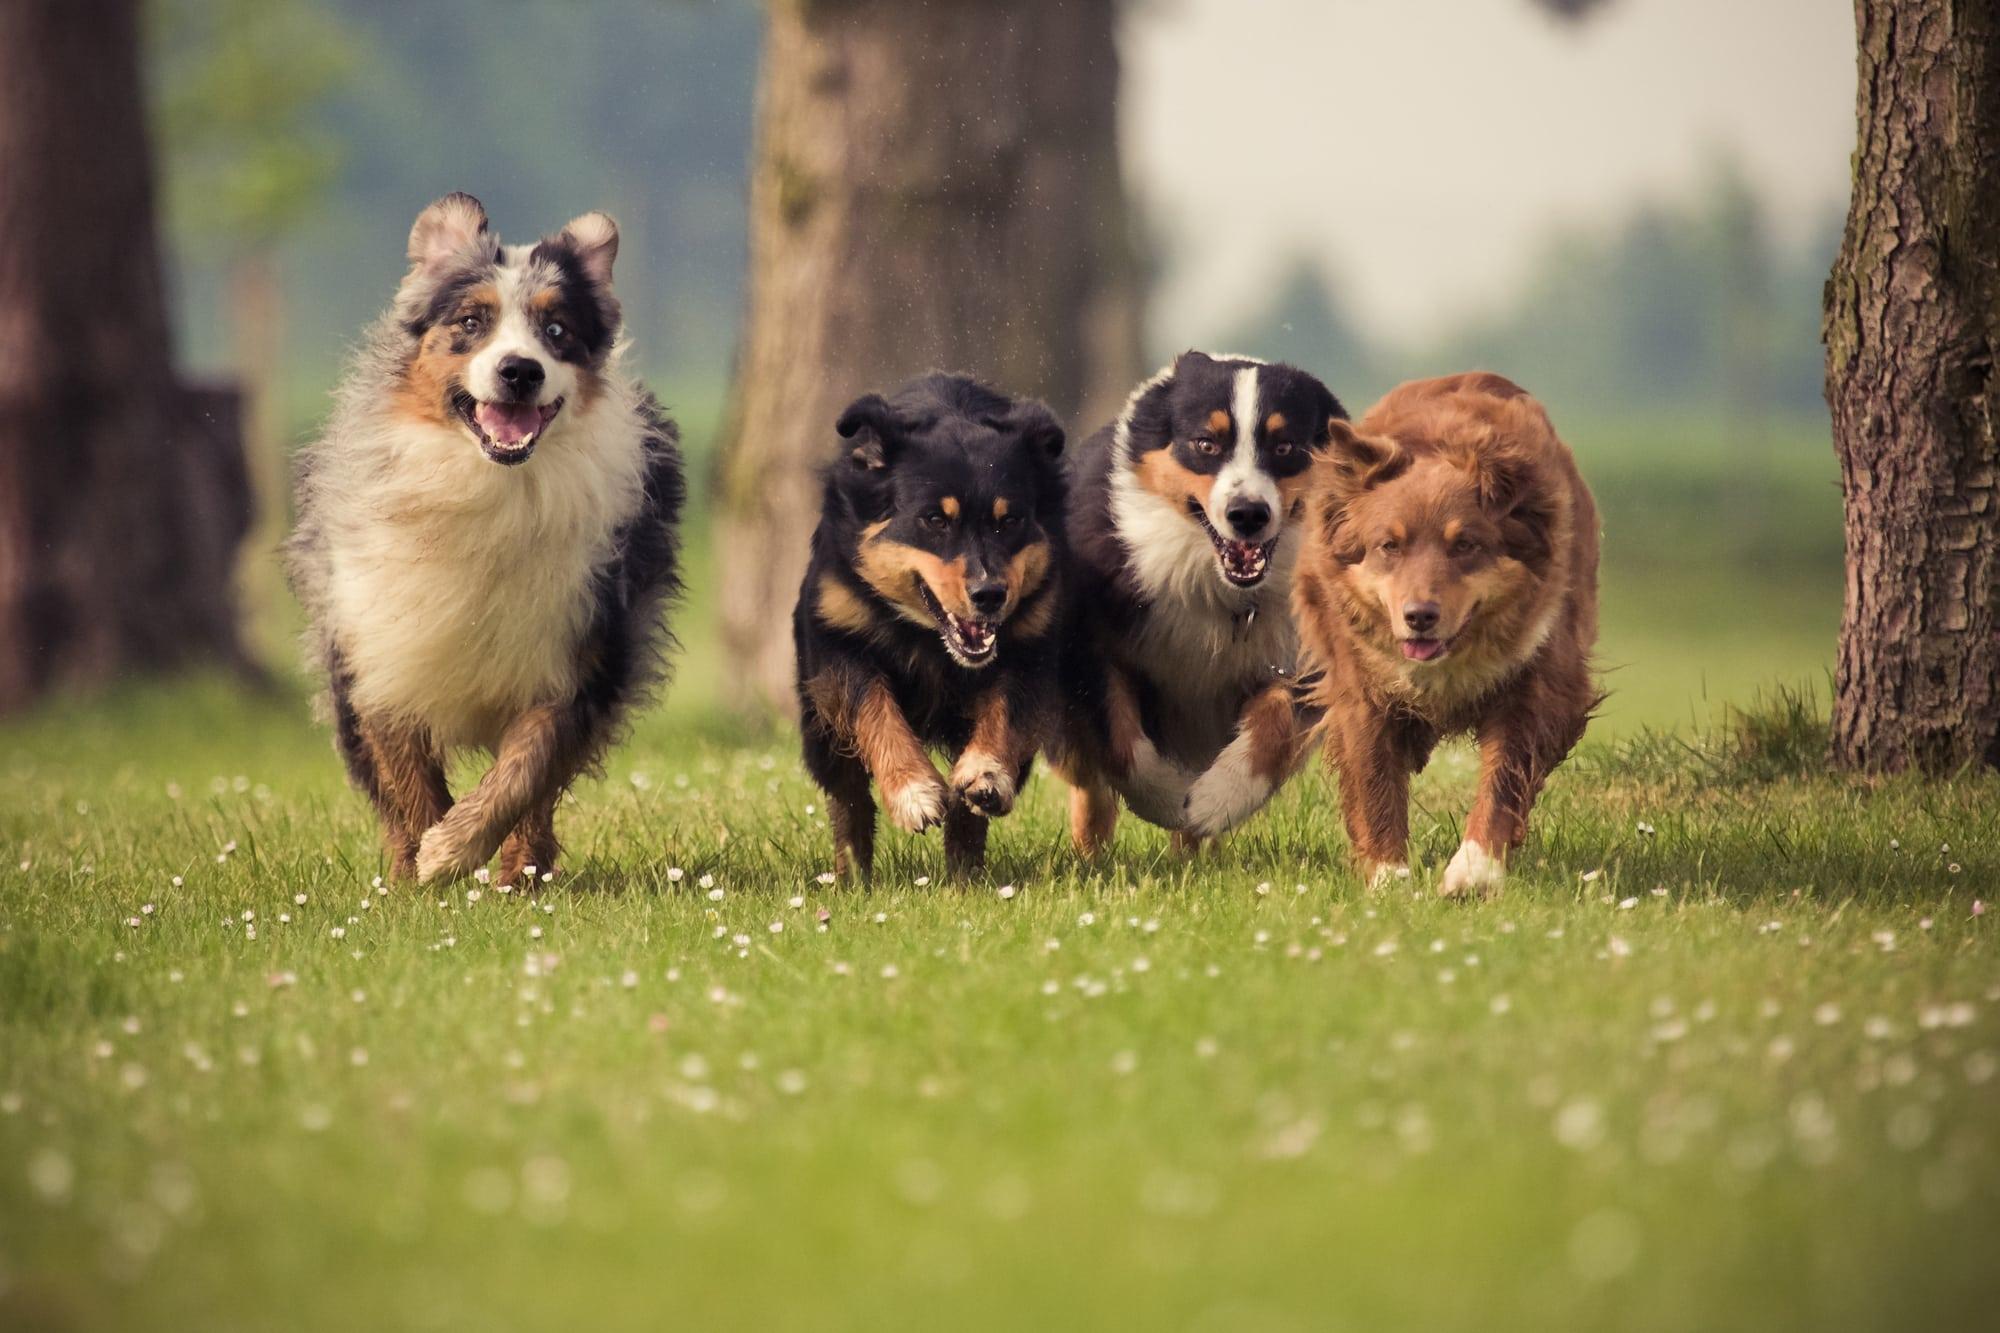 9 Tipps & Warnungen für eine gute Hundeerziehung